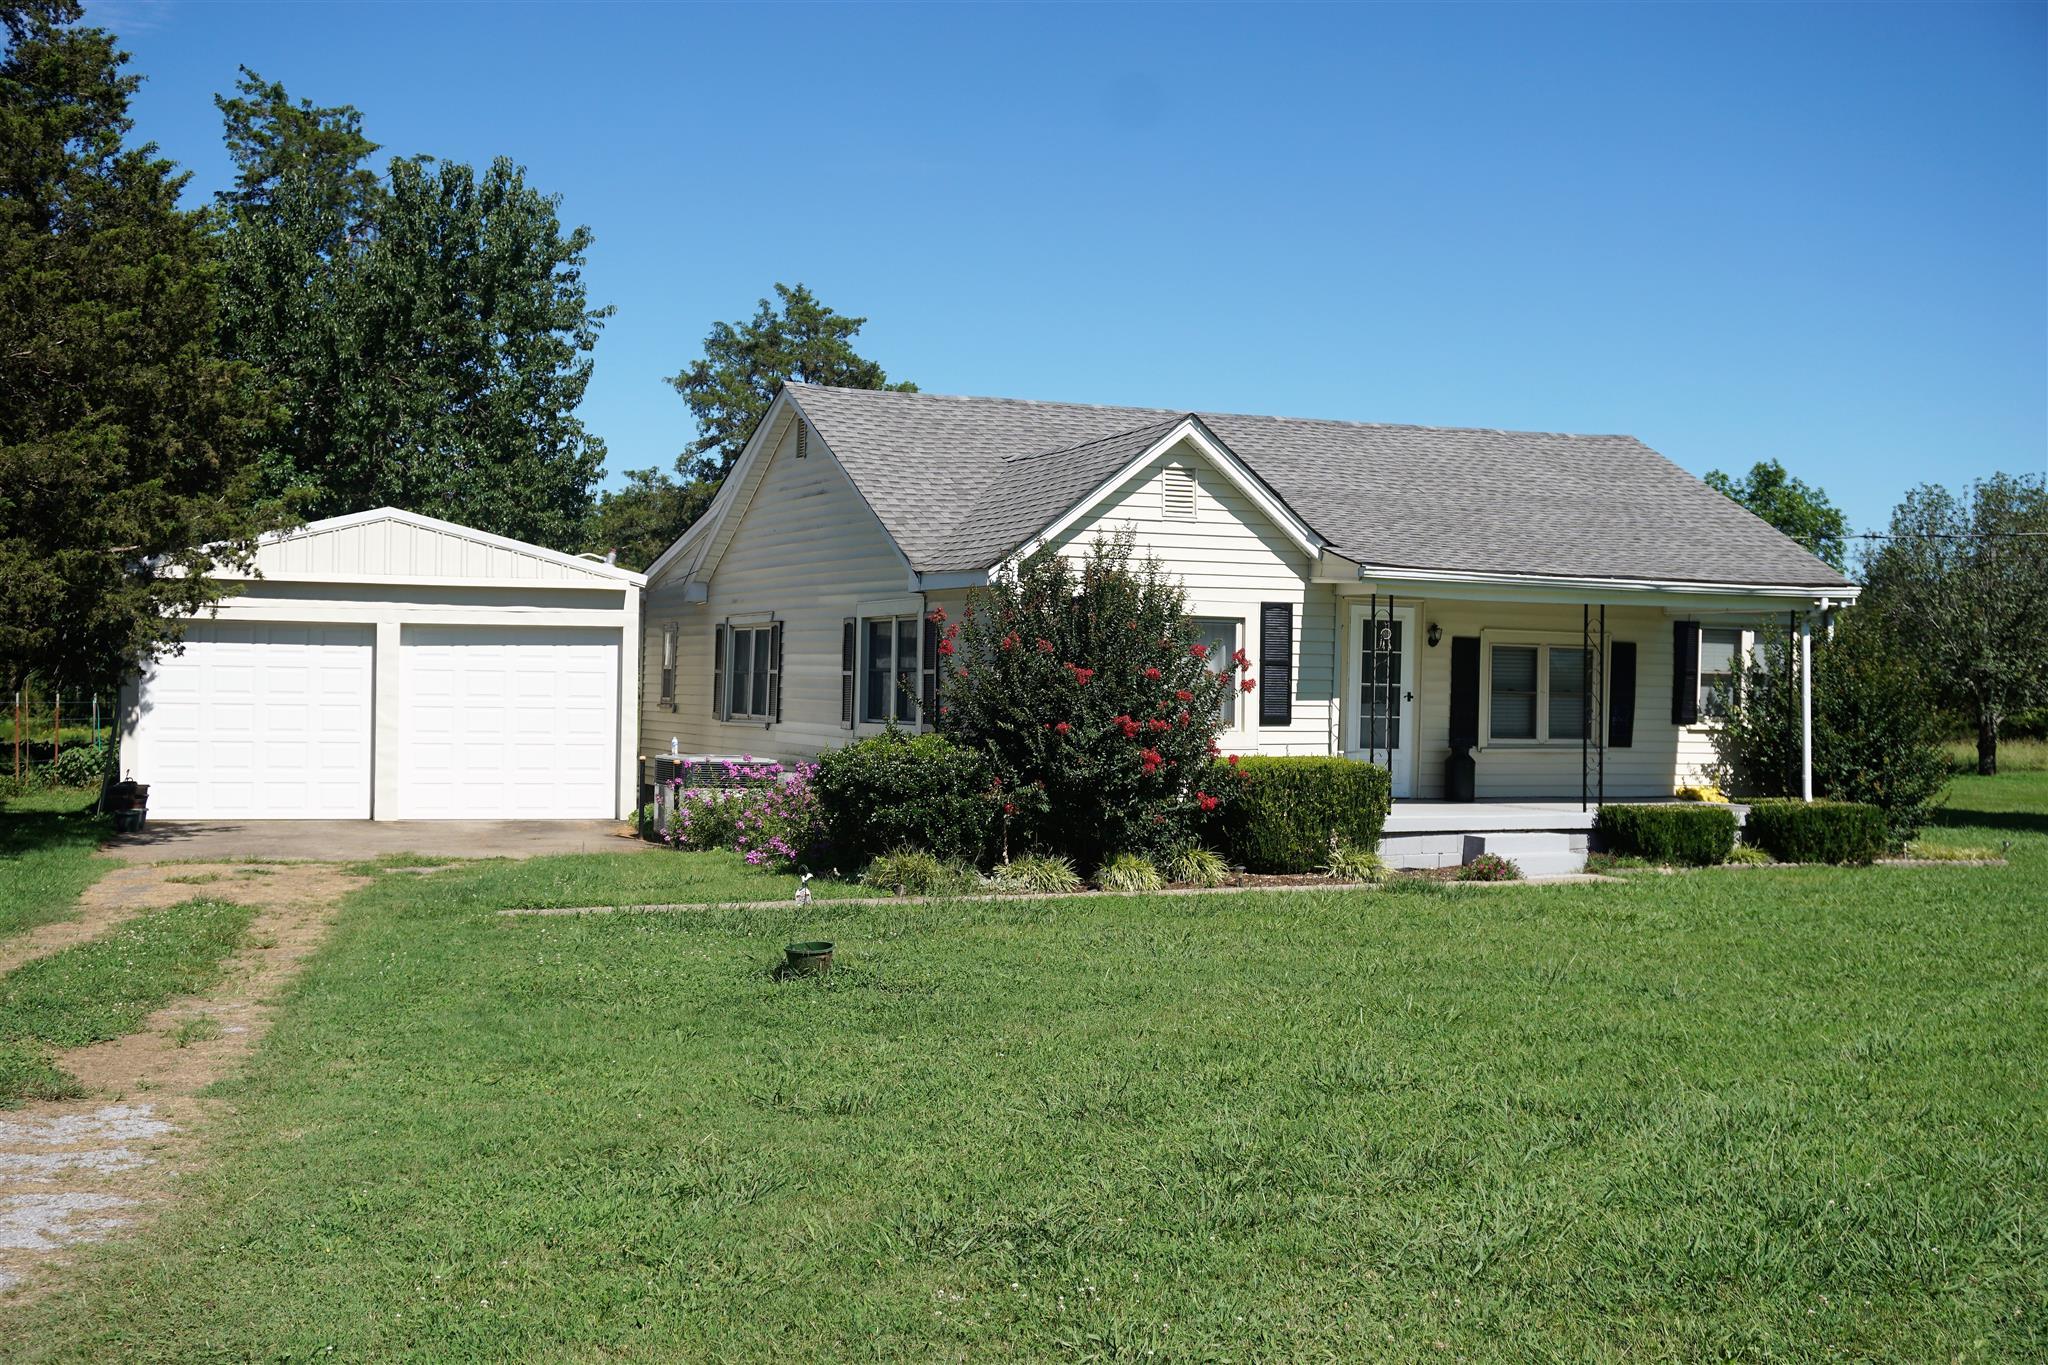 2955 Floraton Rd, Readyville, TN 37149 - Readyville, TN real estate listing